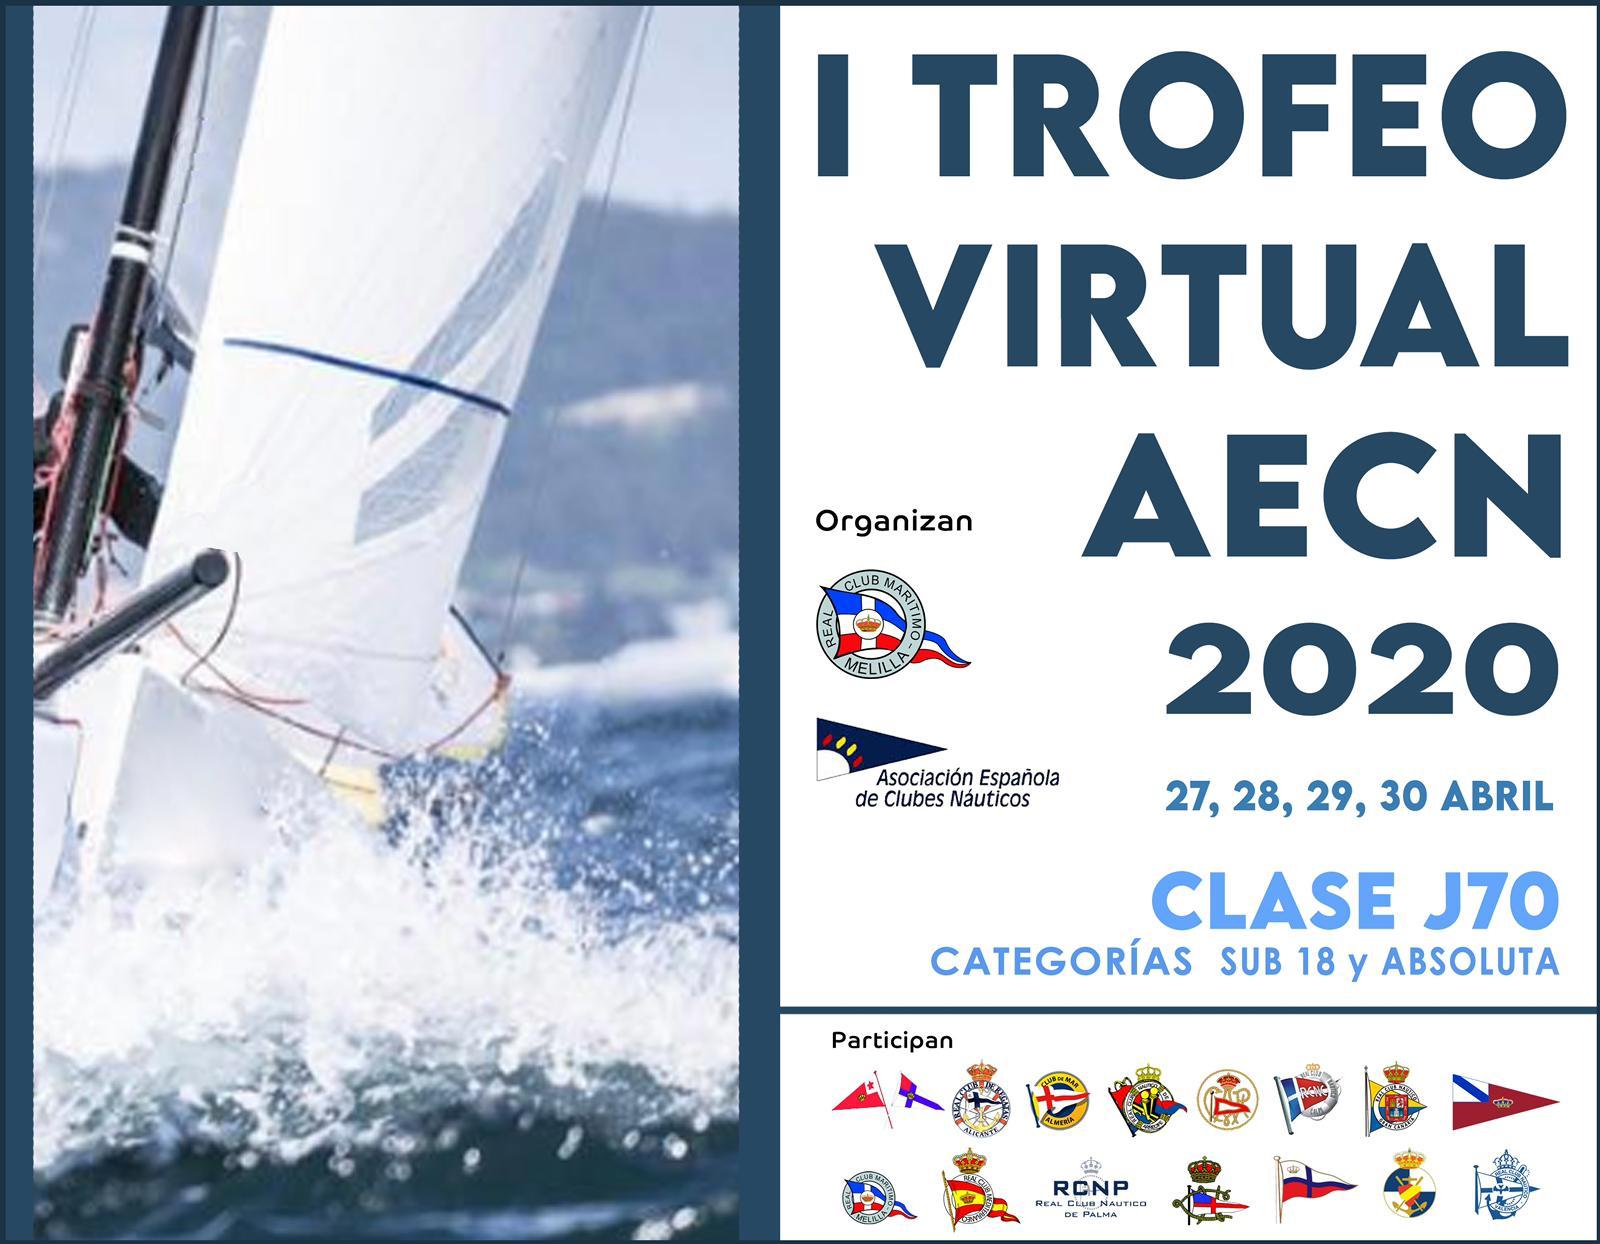 El Náutico colabora y participa en el I Trofeo Virtual AECN